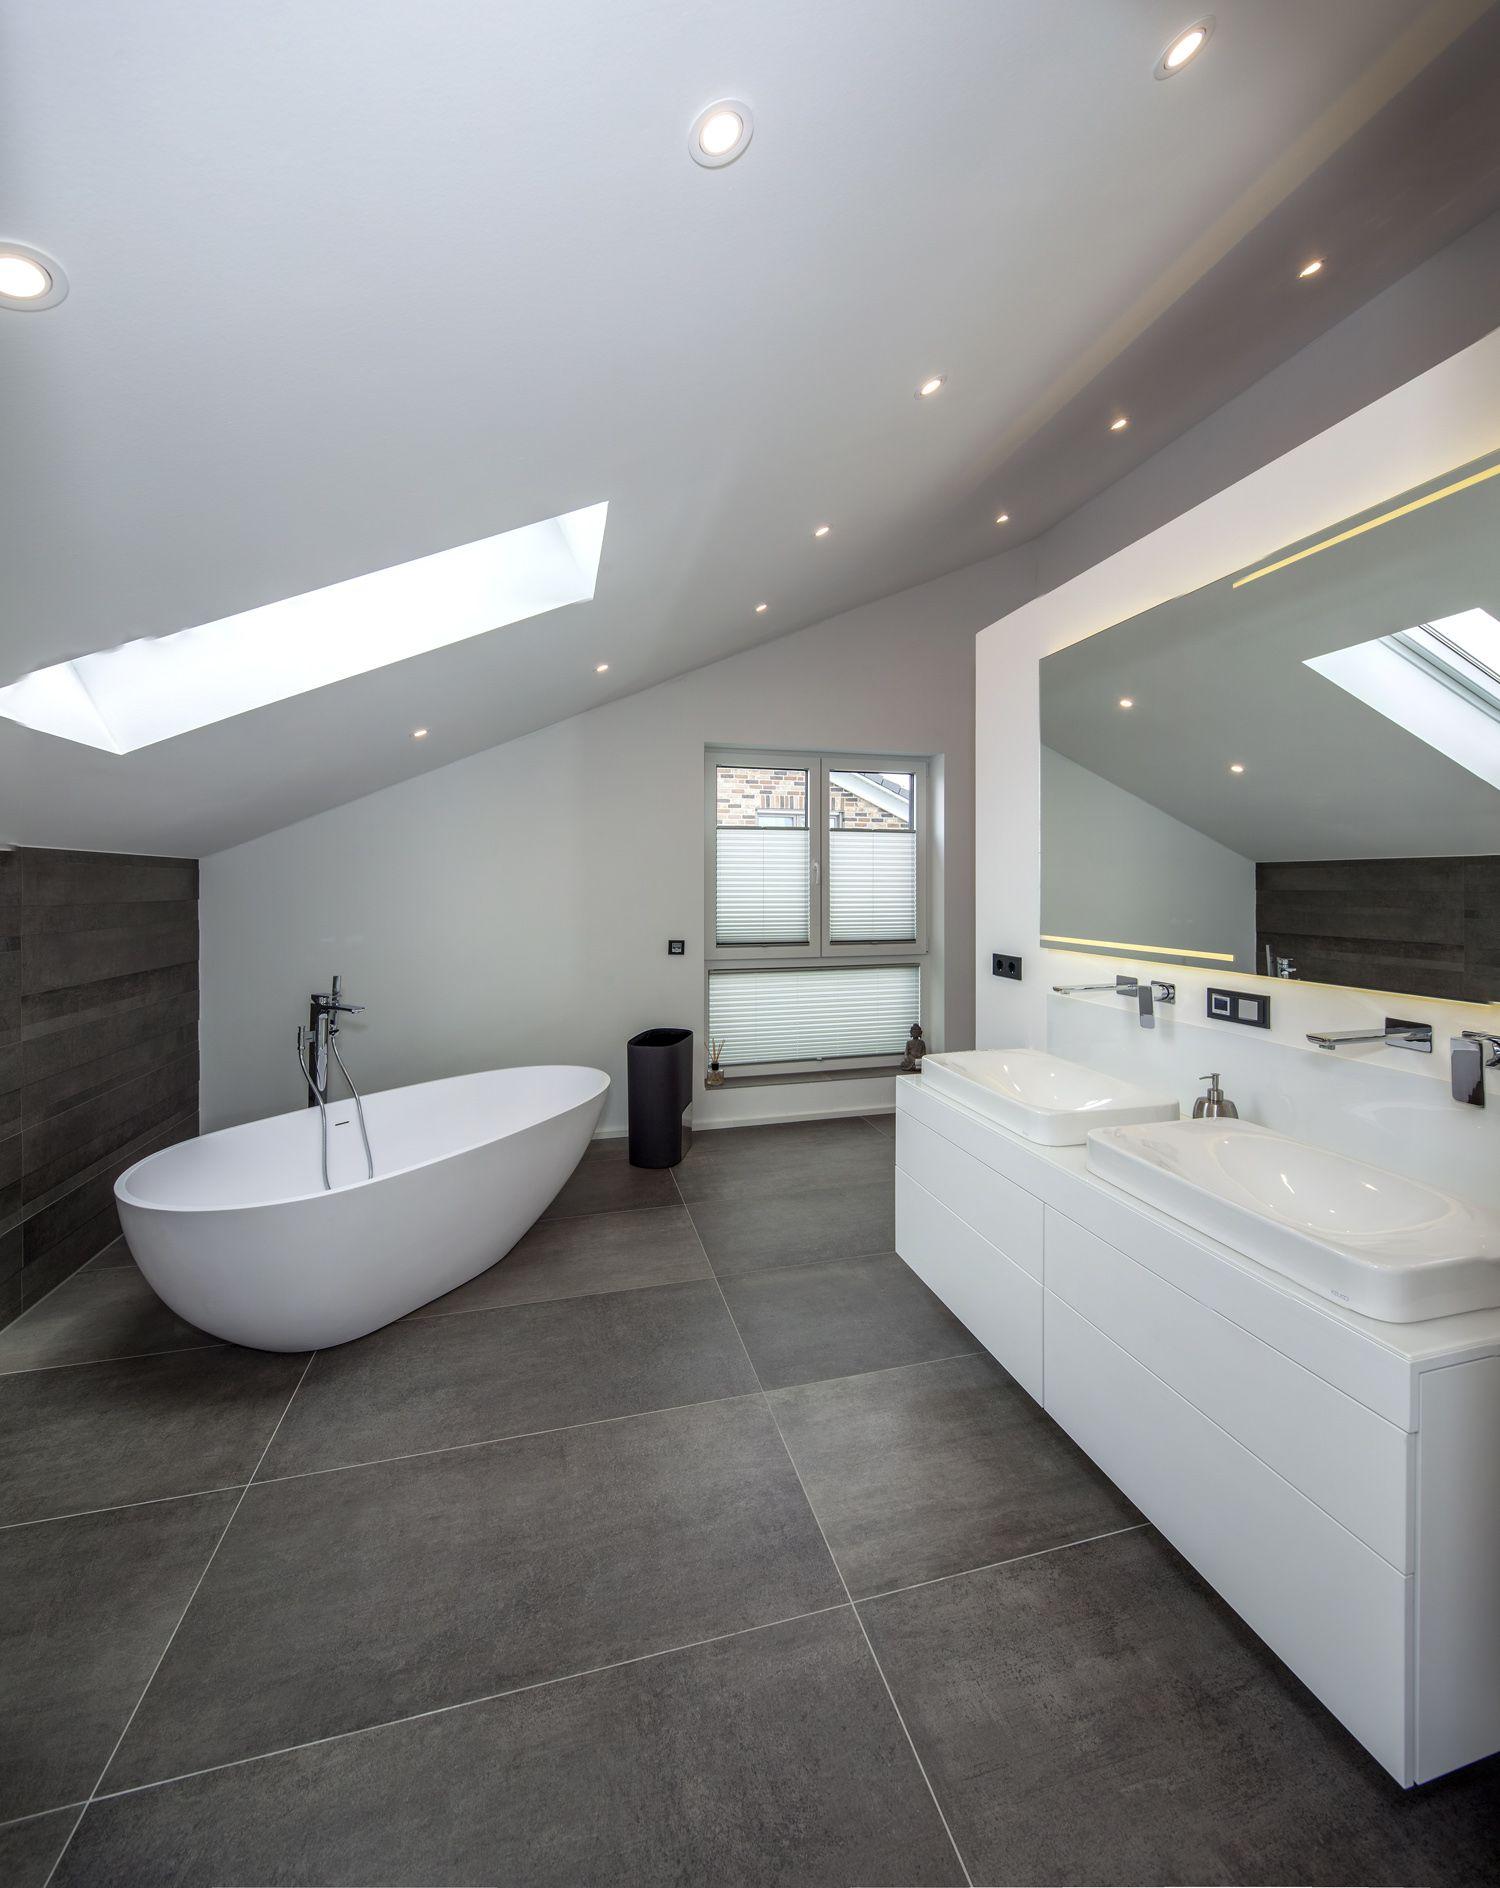 Referenzen Einfamilien Und Zweifamilienhauser Badgestaltung Satteldach Modern Einfamilienhaus